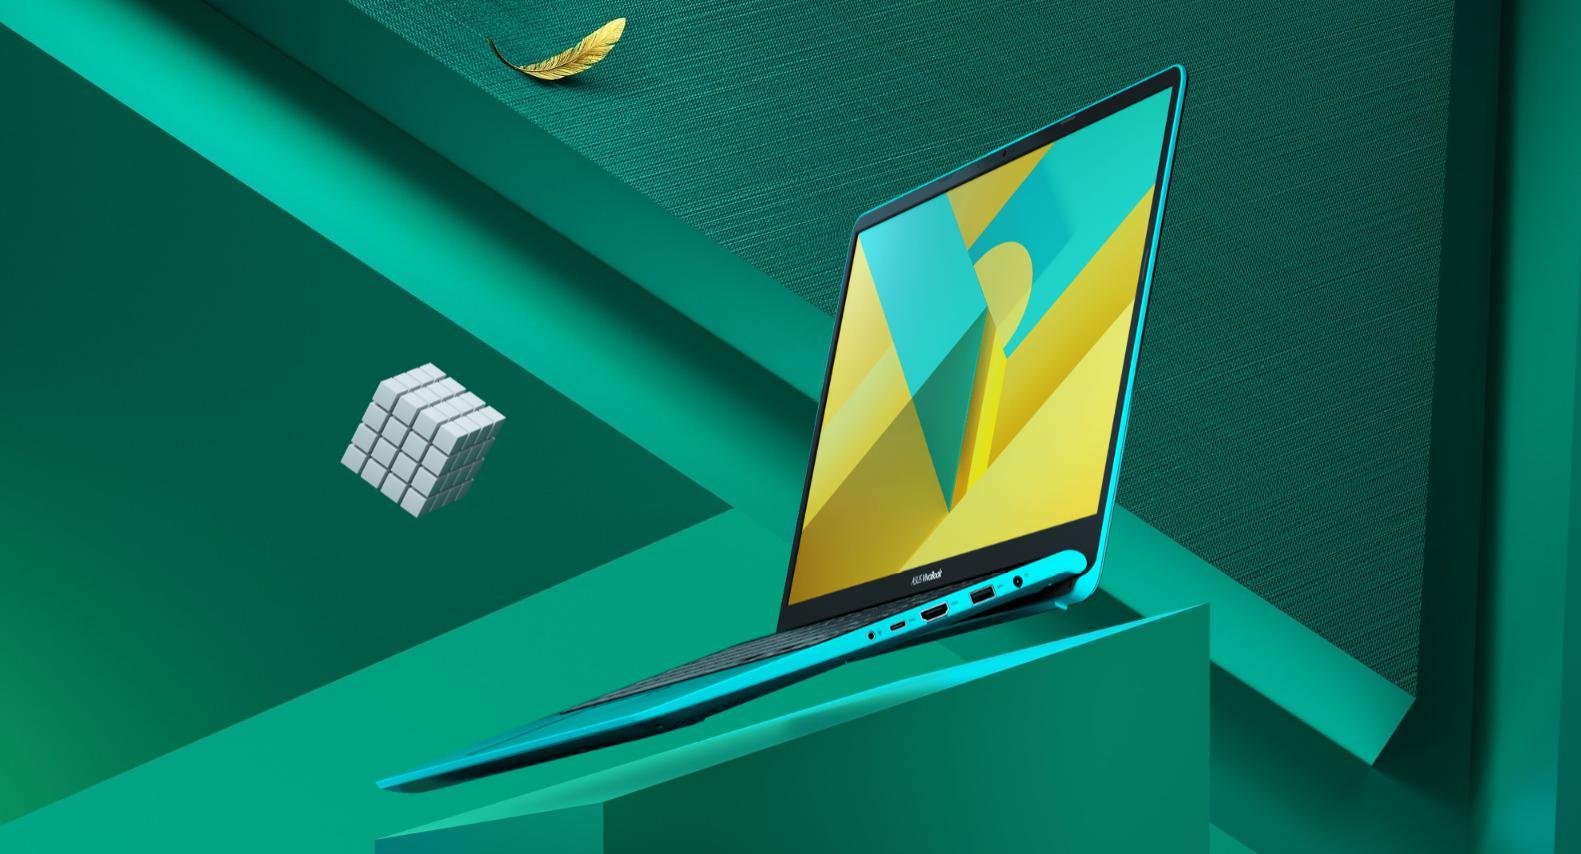 Đánh giá tổng quan Laptop Asus VivoBook S15 S530FN-BQ128T1